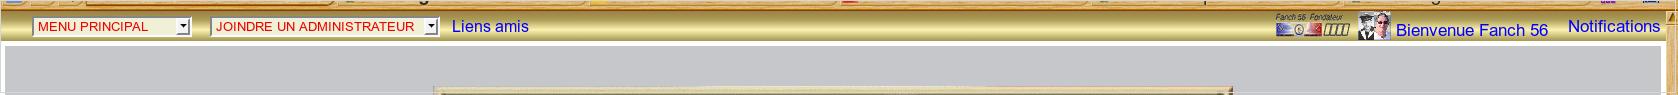 Curiosité : qu'avez-vous fais de votre toolbar ? - Page 2 Captu179